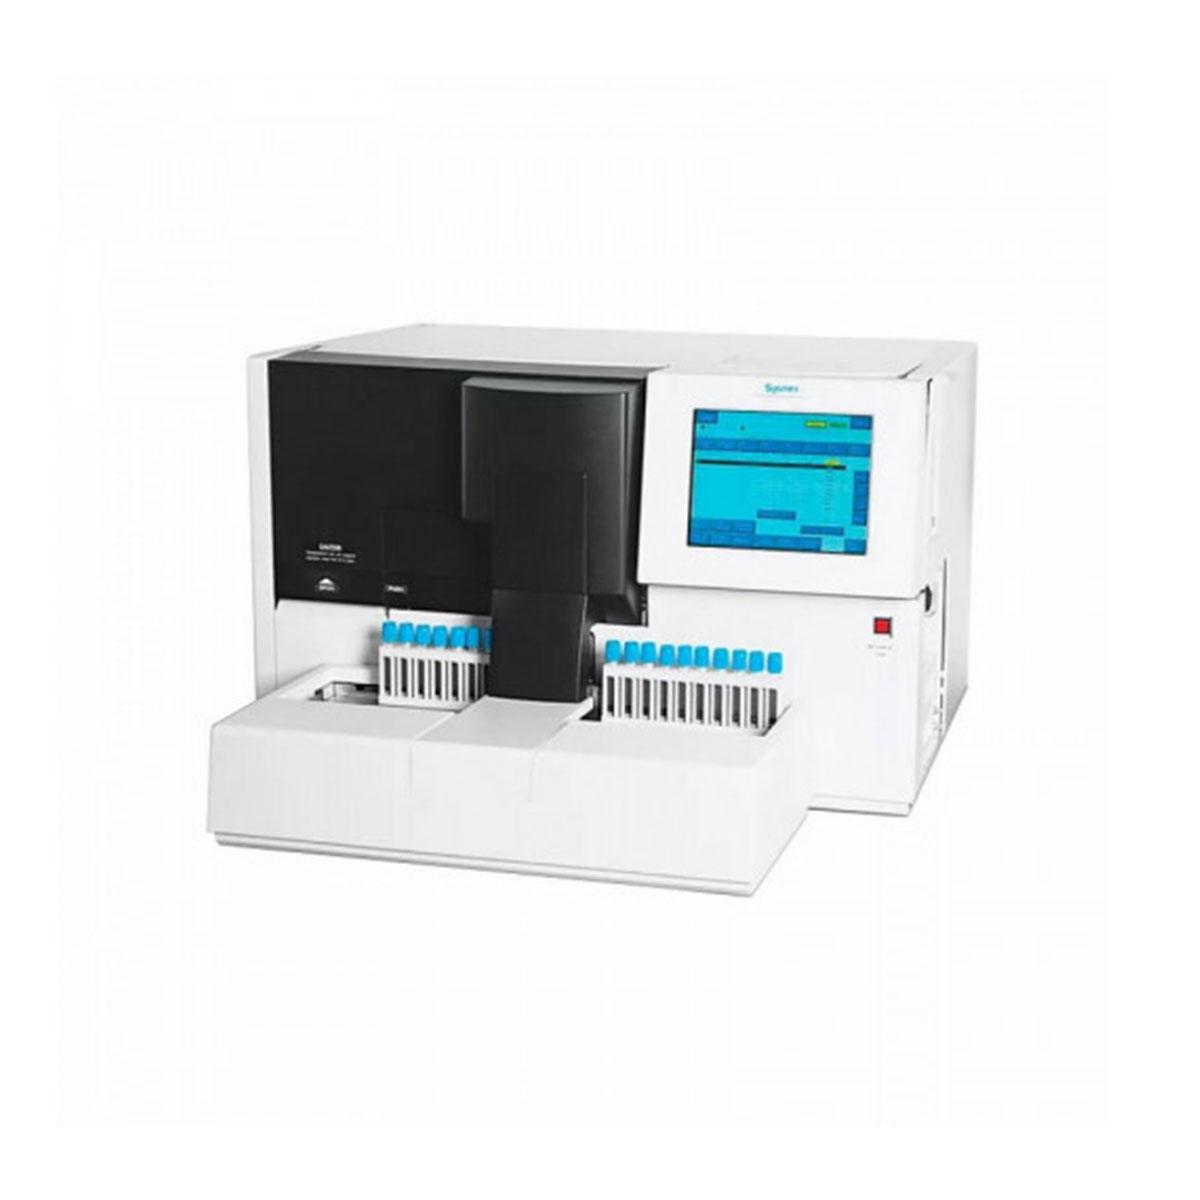 Sysmex CA-1500